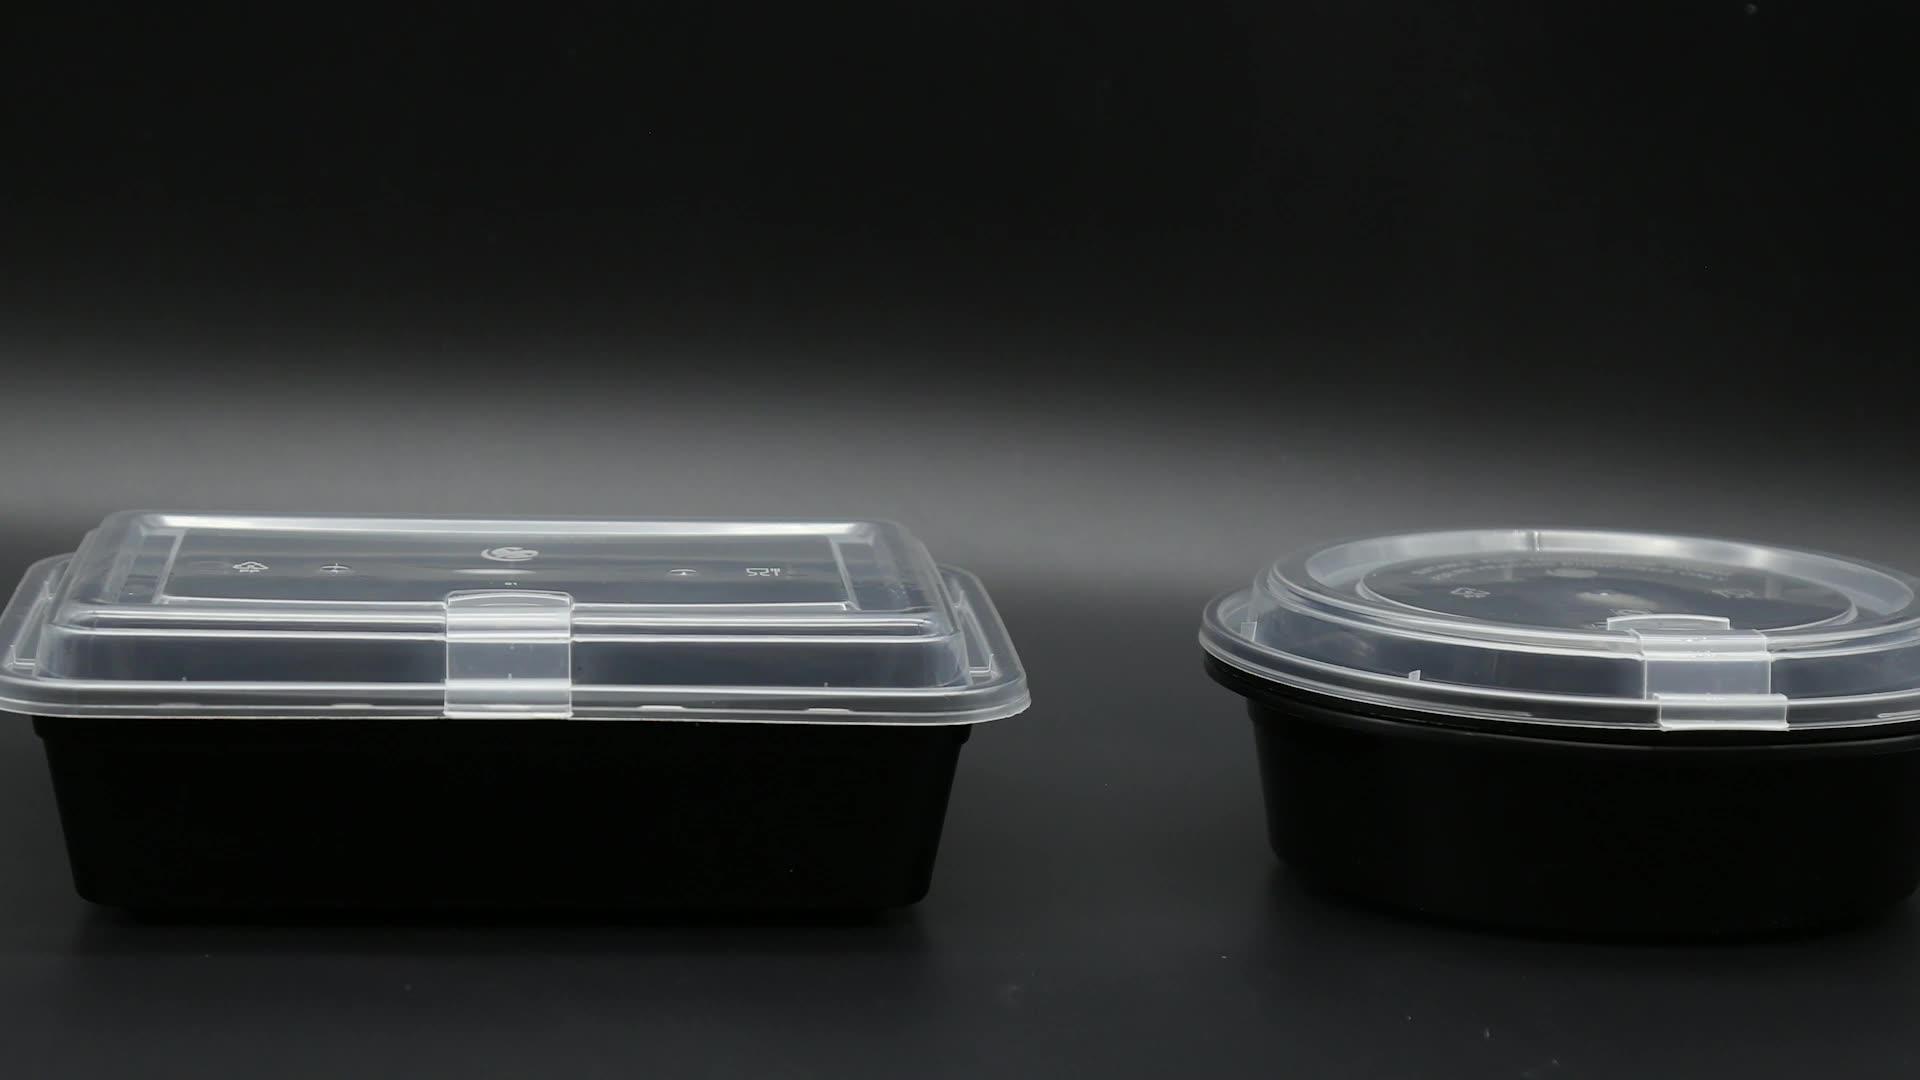 اثنين من المقصورات يمكن التخلص منها وعاء من البلاستيك يسلب عبوة طعام مع غطاء